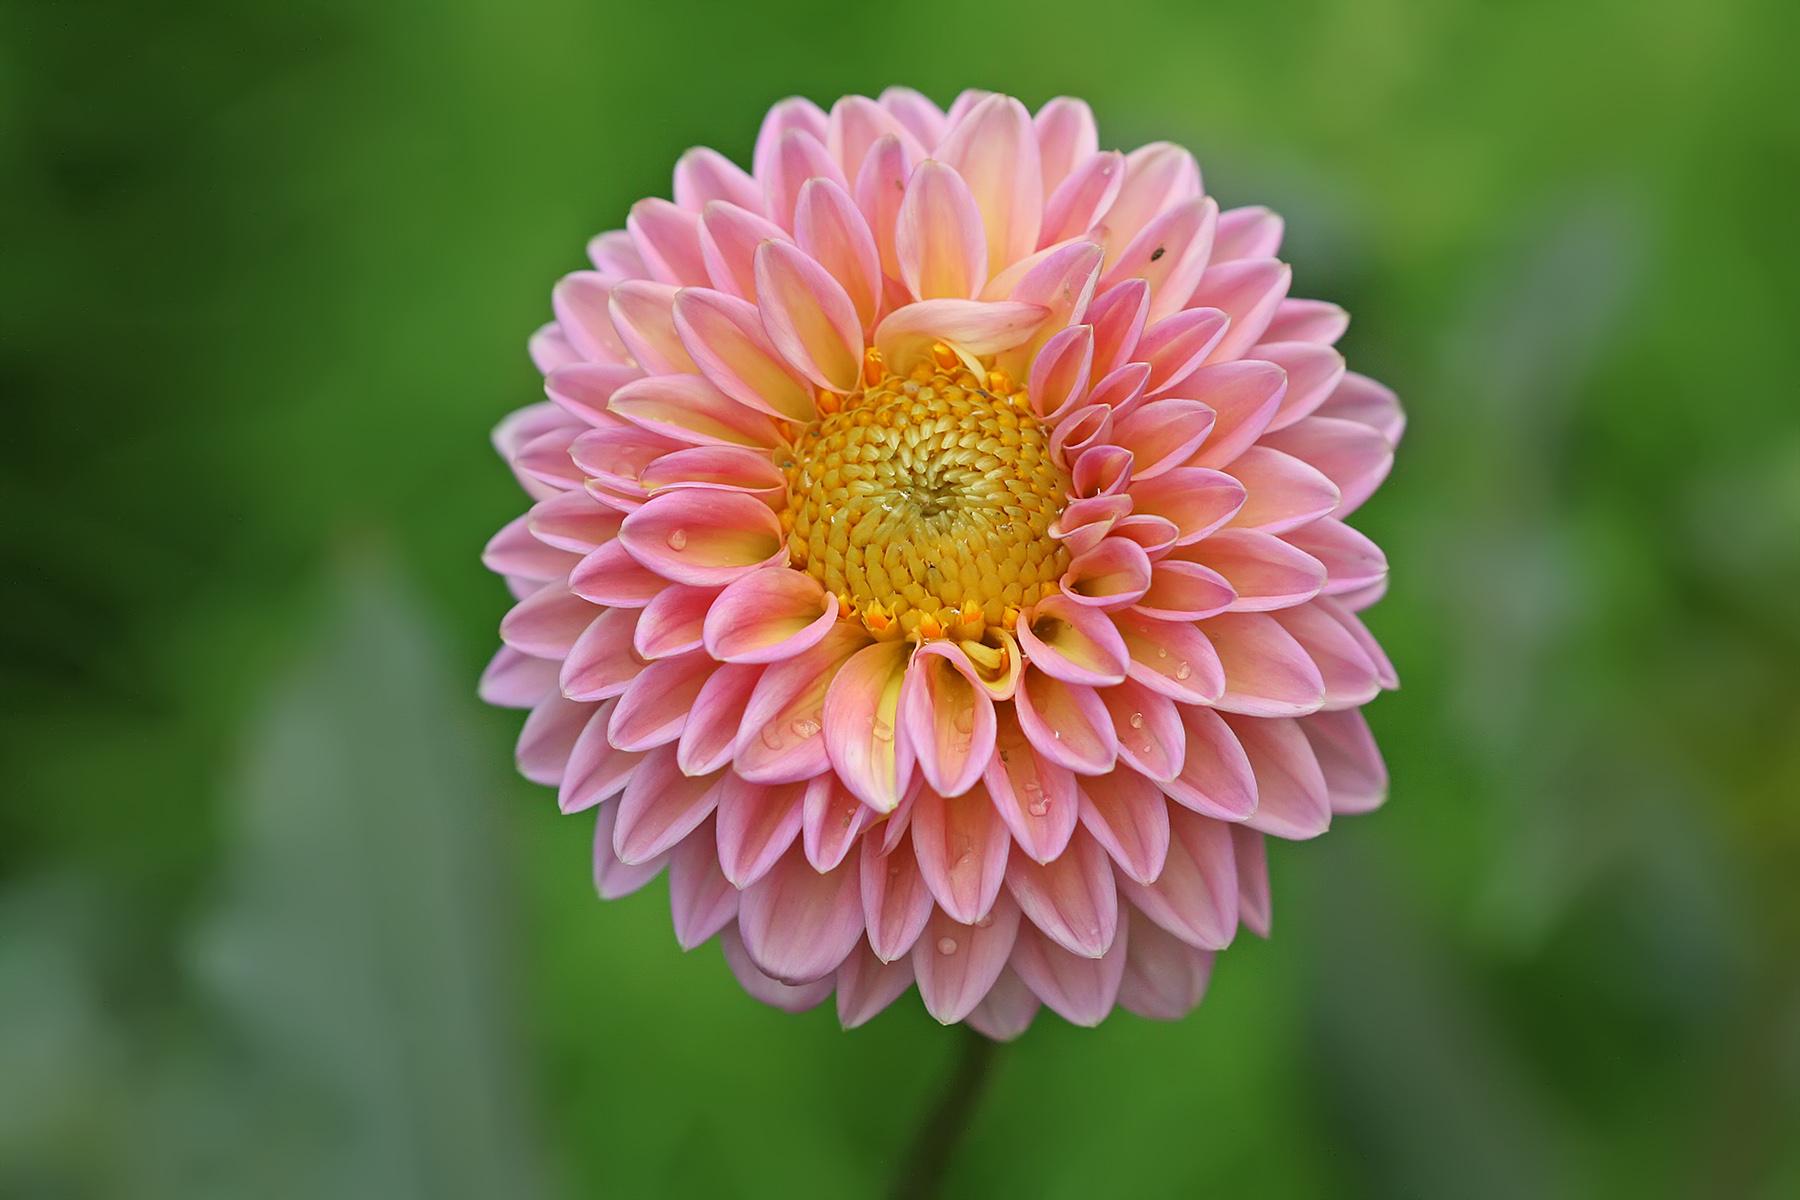 Cu les son las plantas m s bonitas de los meses de verano for Las plantas mas bonitas